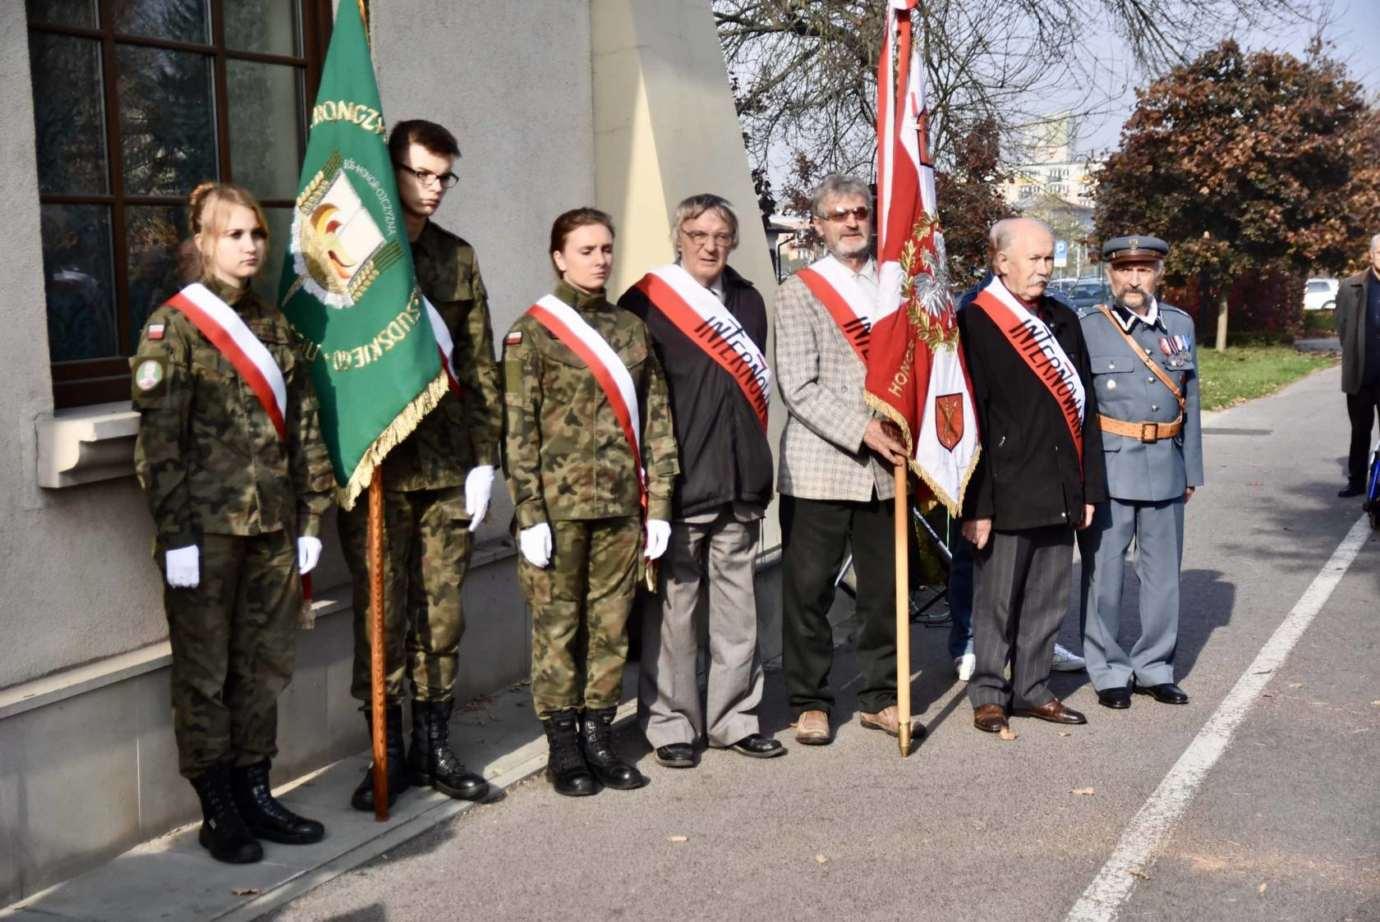 dsc 9462 Zamość: Obchody Narodowego Święta Węgier [ZDJĘCIA, FILM]